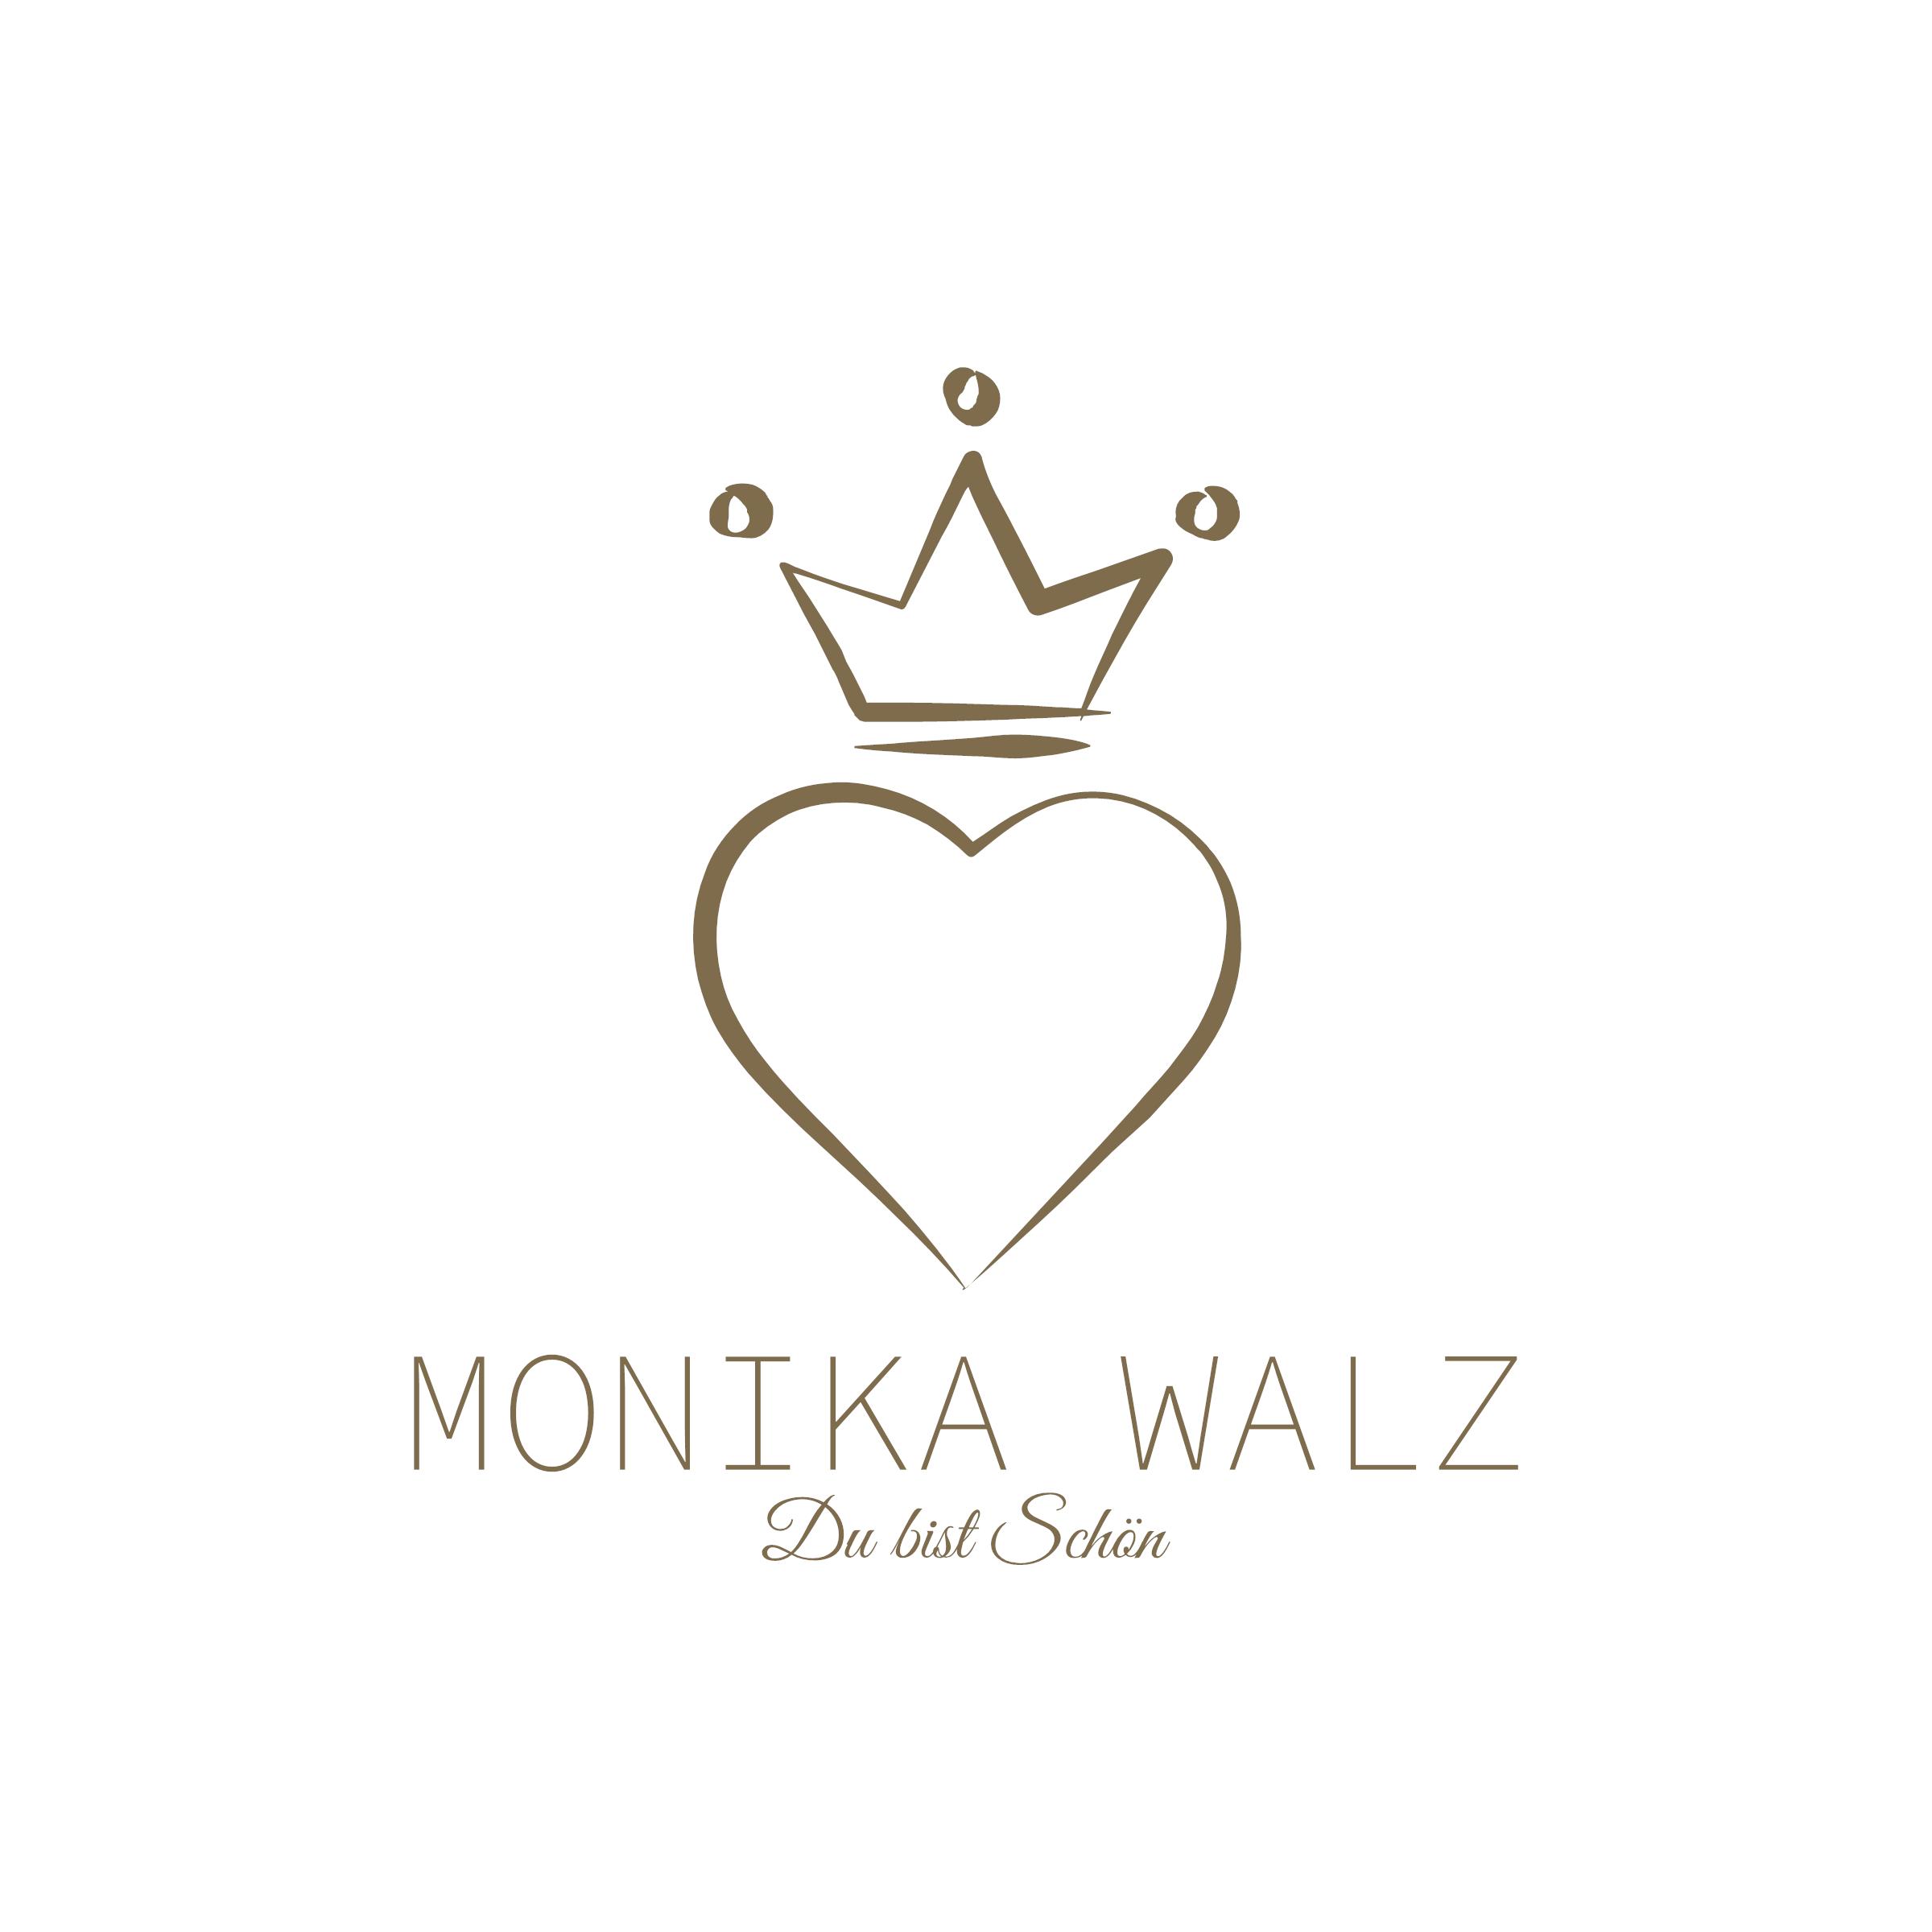 Monika Walz du bist Schön